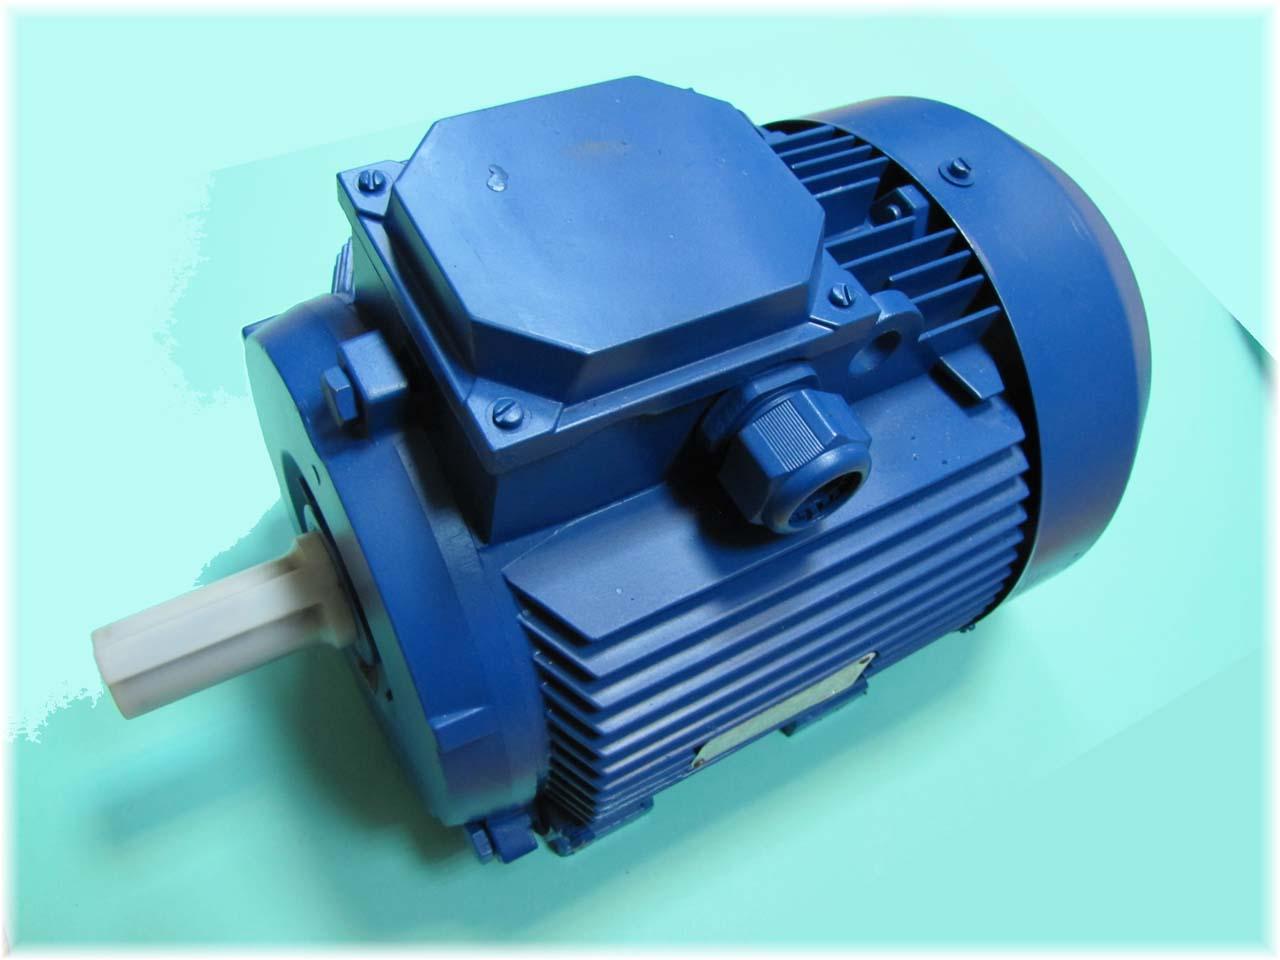 Трехфазные асинхронные электродвигатели серии 4а. обозначение, расшифровка, характеристики типов двигателей.